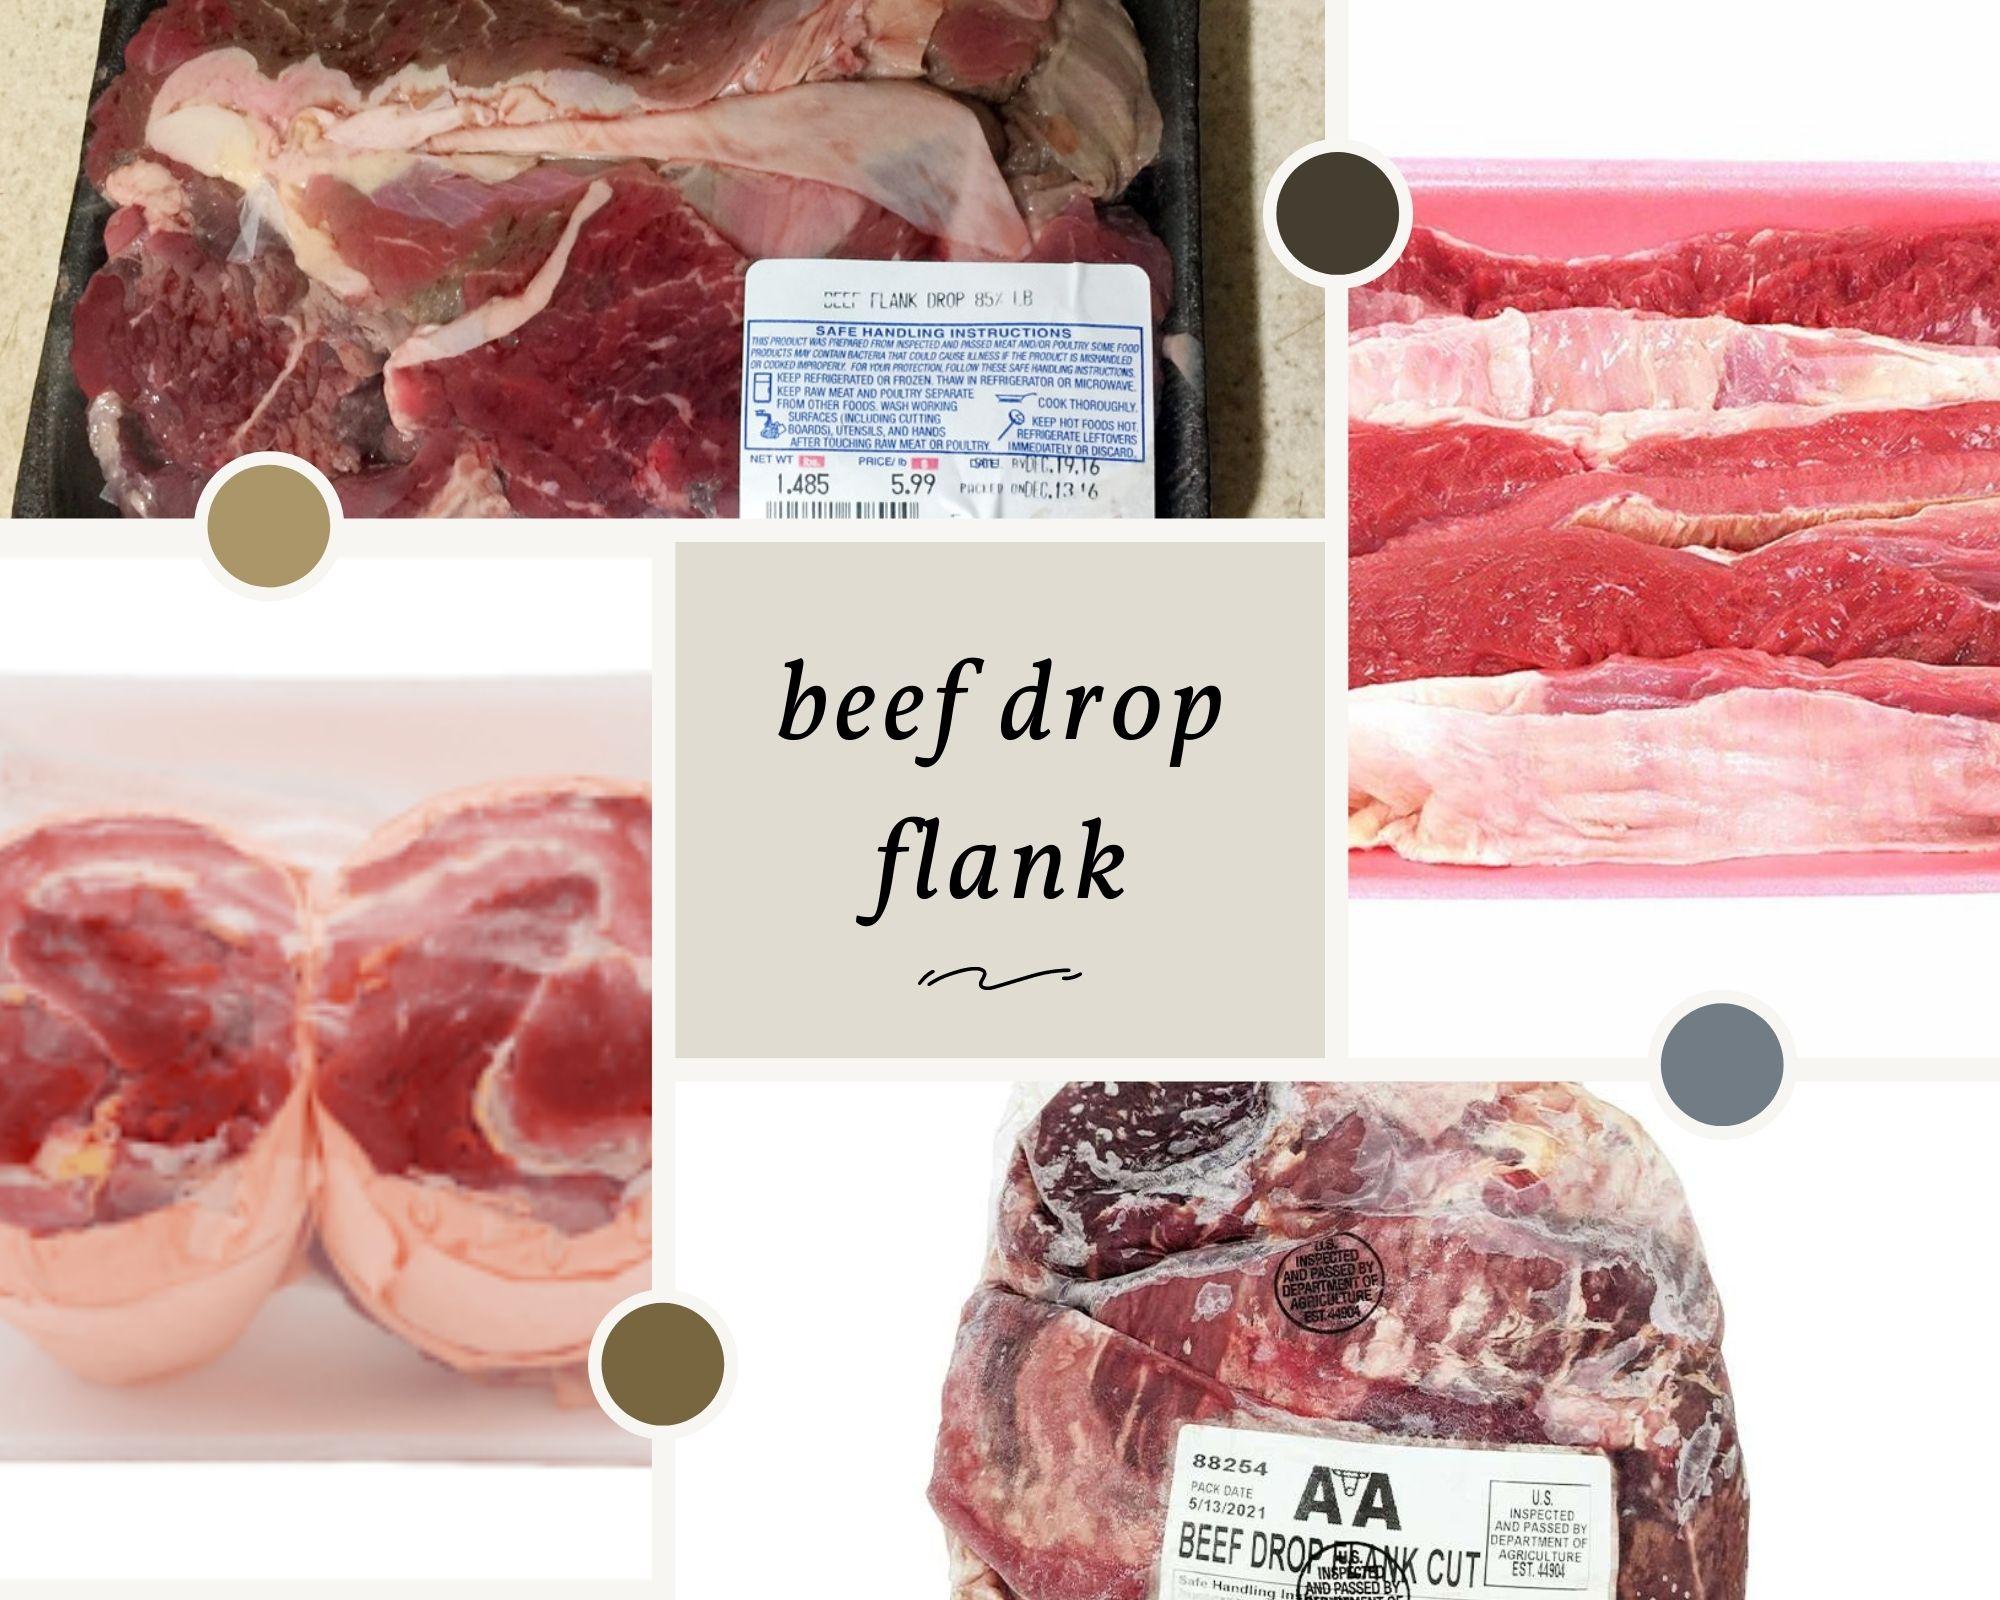 Beef drop flank